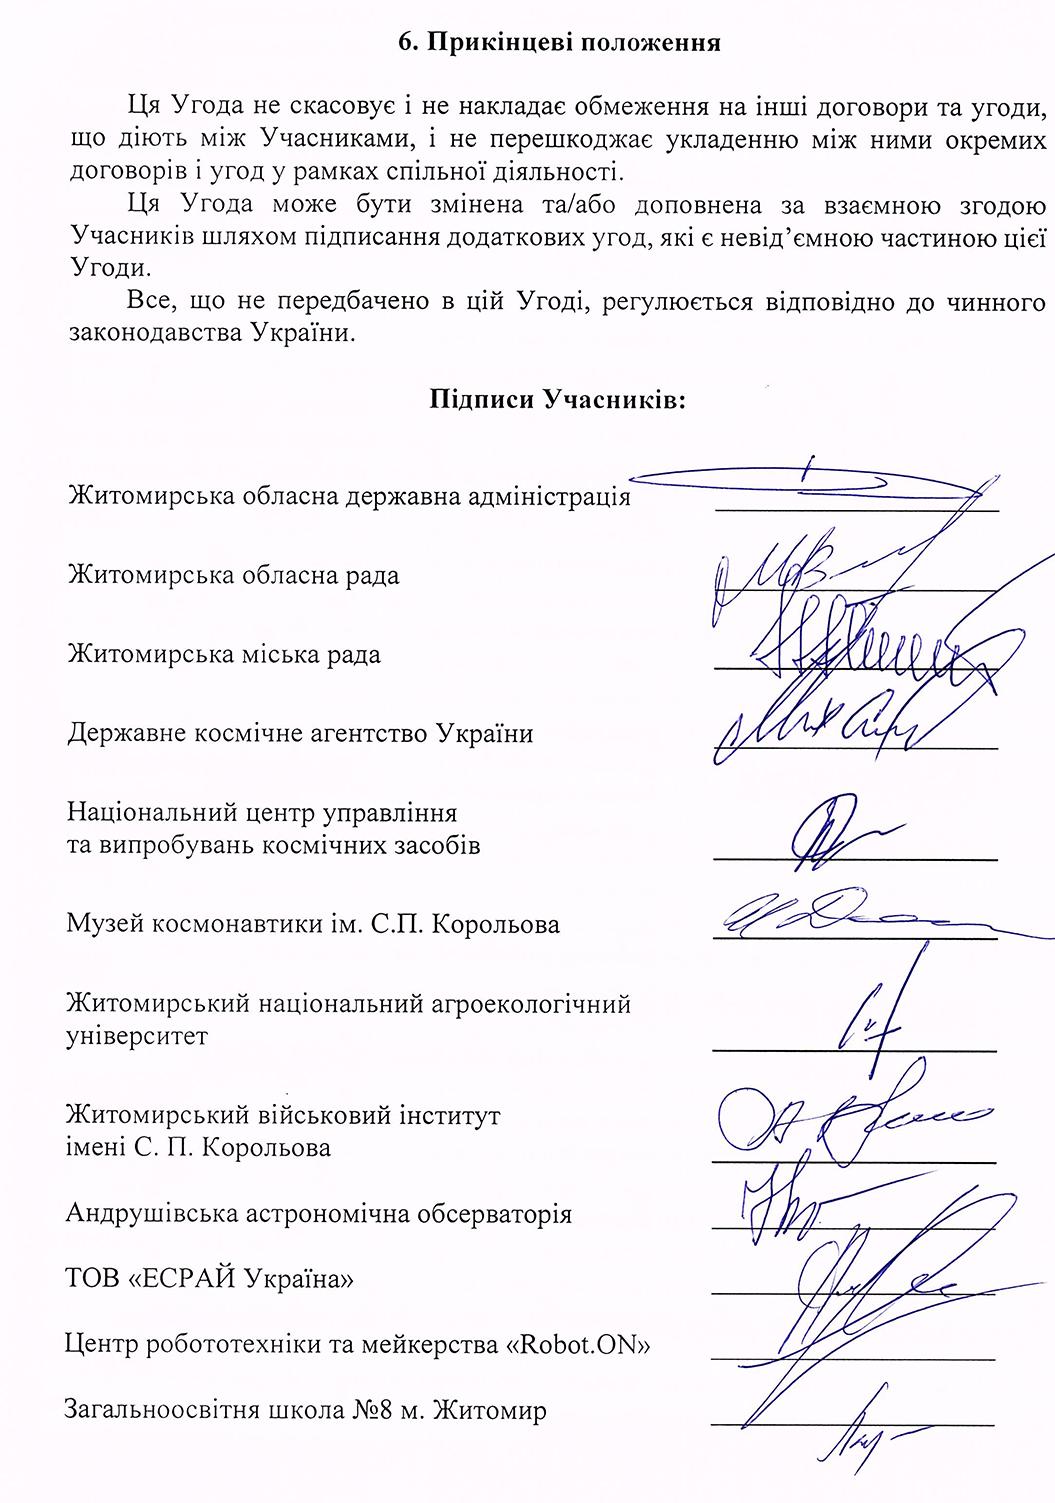 """Угода про створення інноваційно - космічного кластера """"Полісся"""""""